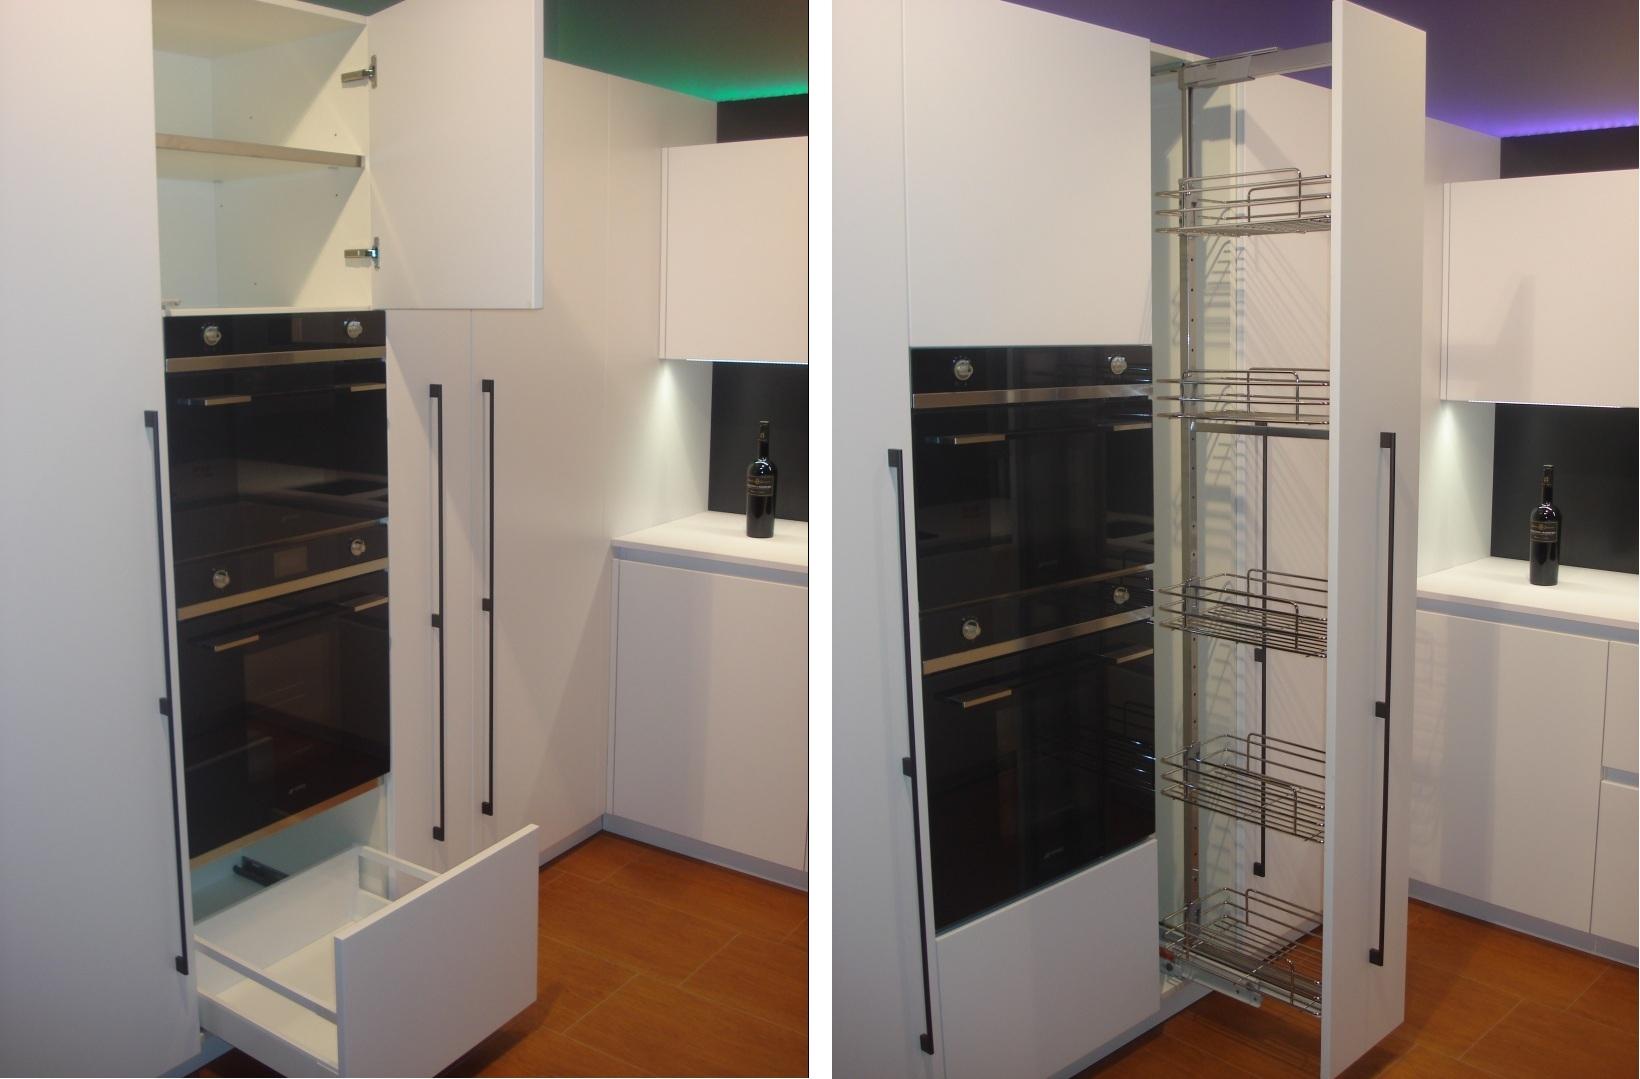 Cucine Fascia Alta - Idee Per La Casa - Syafir.com